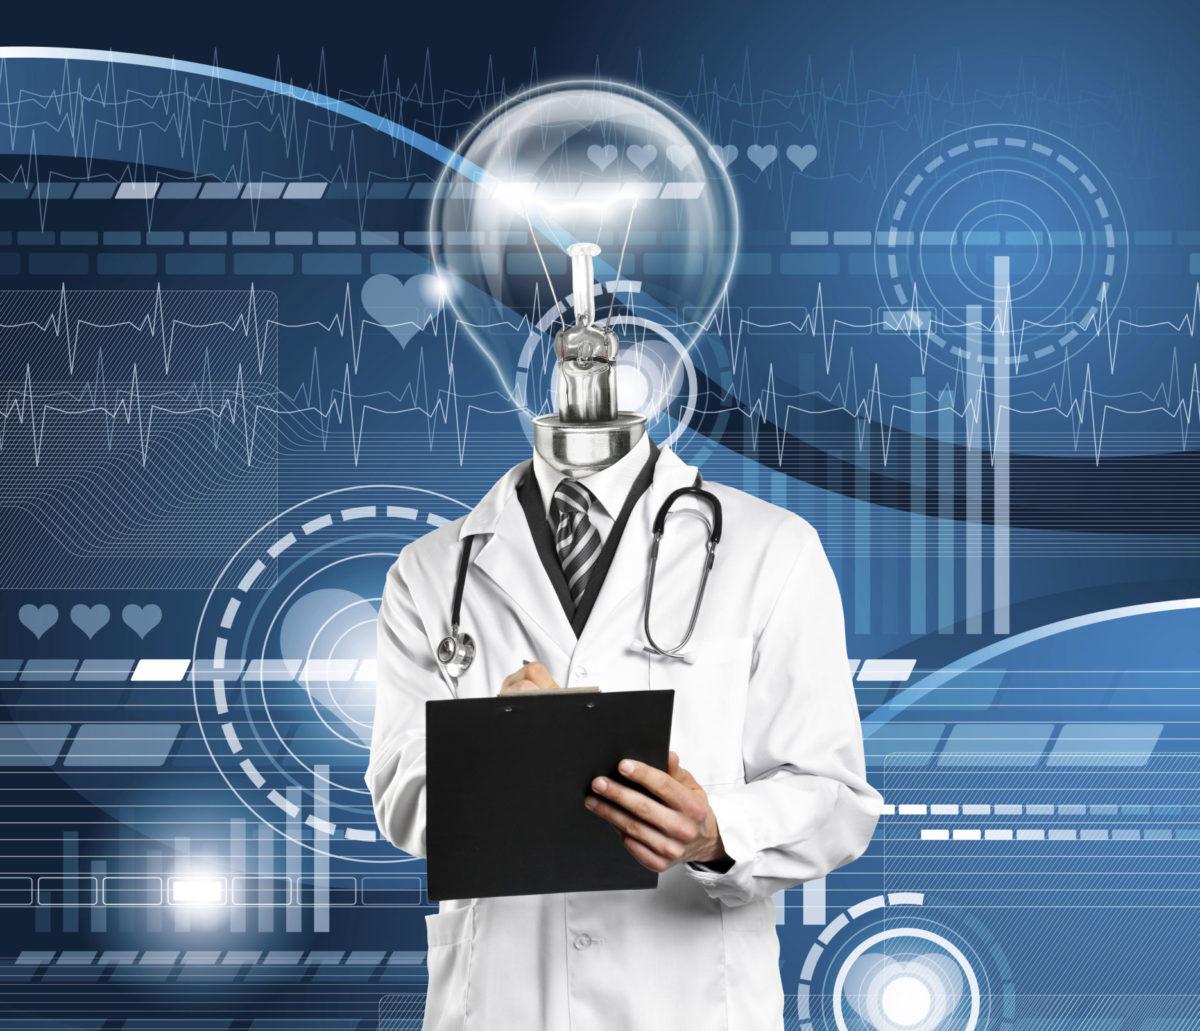 Yapay zeka ile kanser ve kalp hastalıkları teşhisi - Dünya Halleri